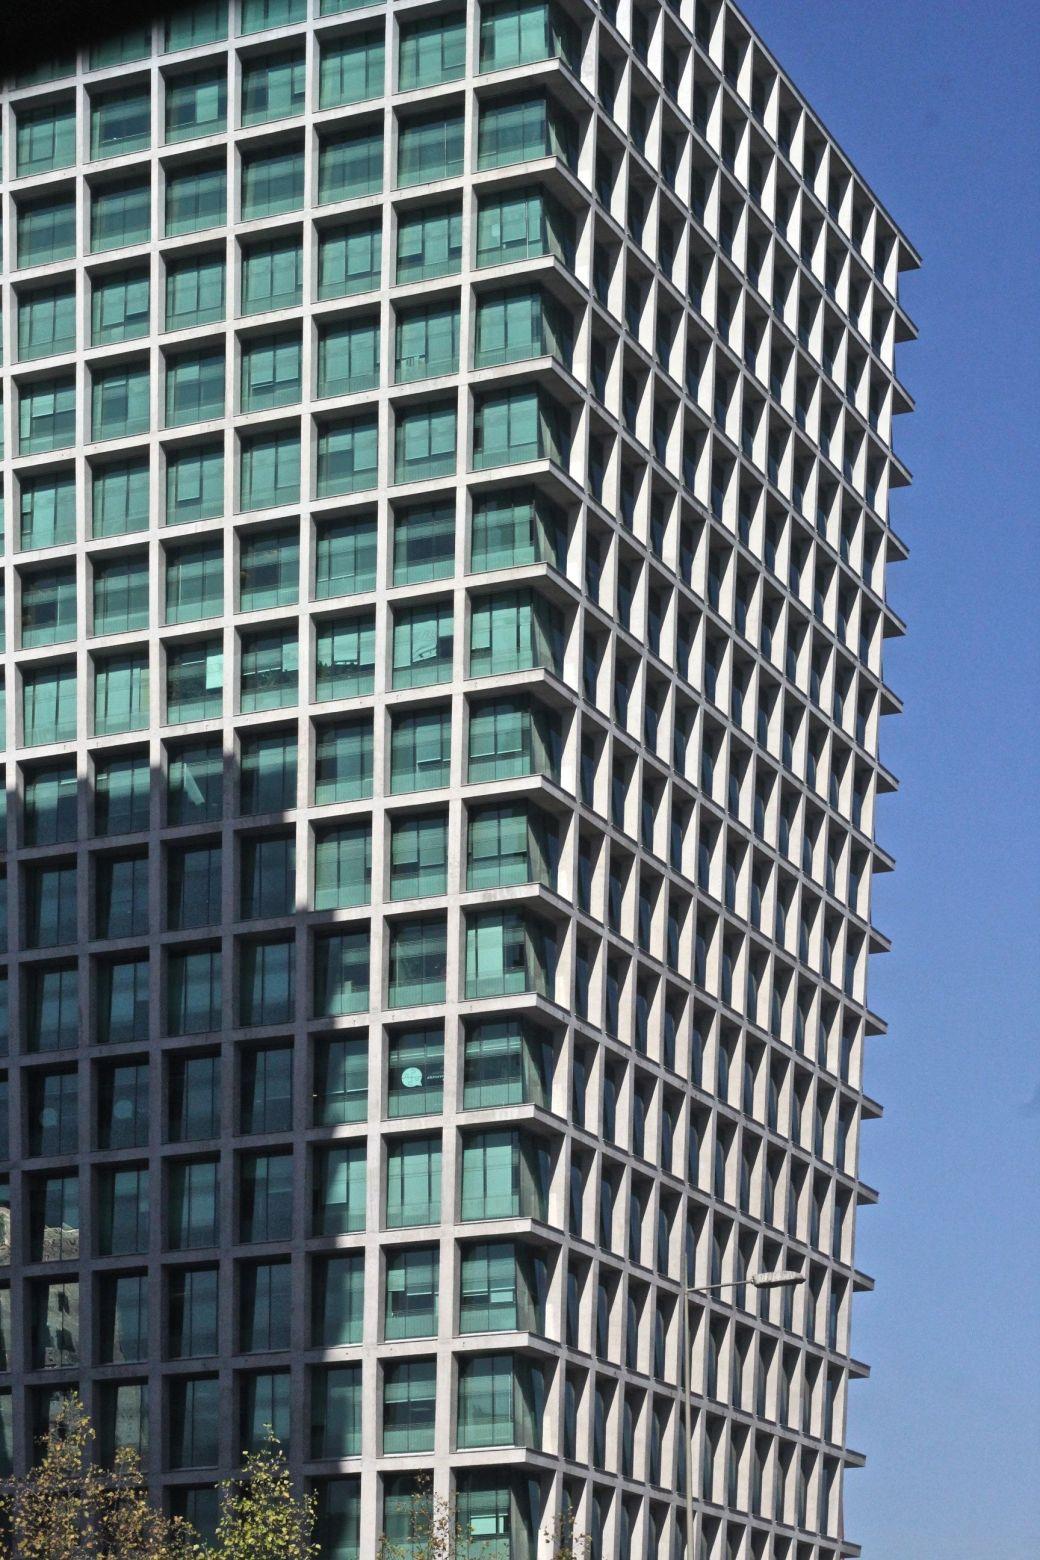 chile santiago trapezoid building